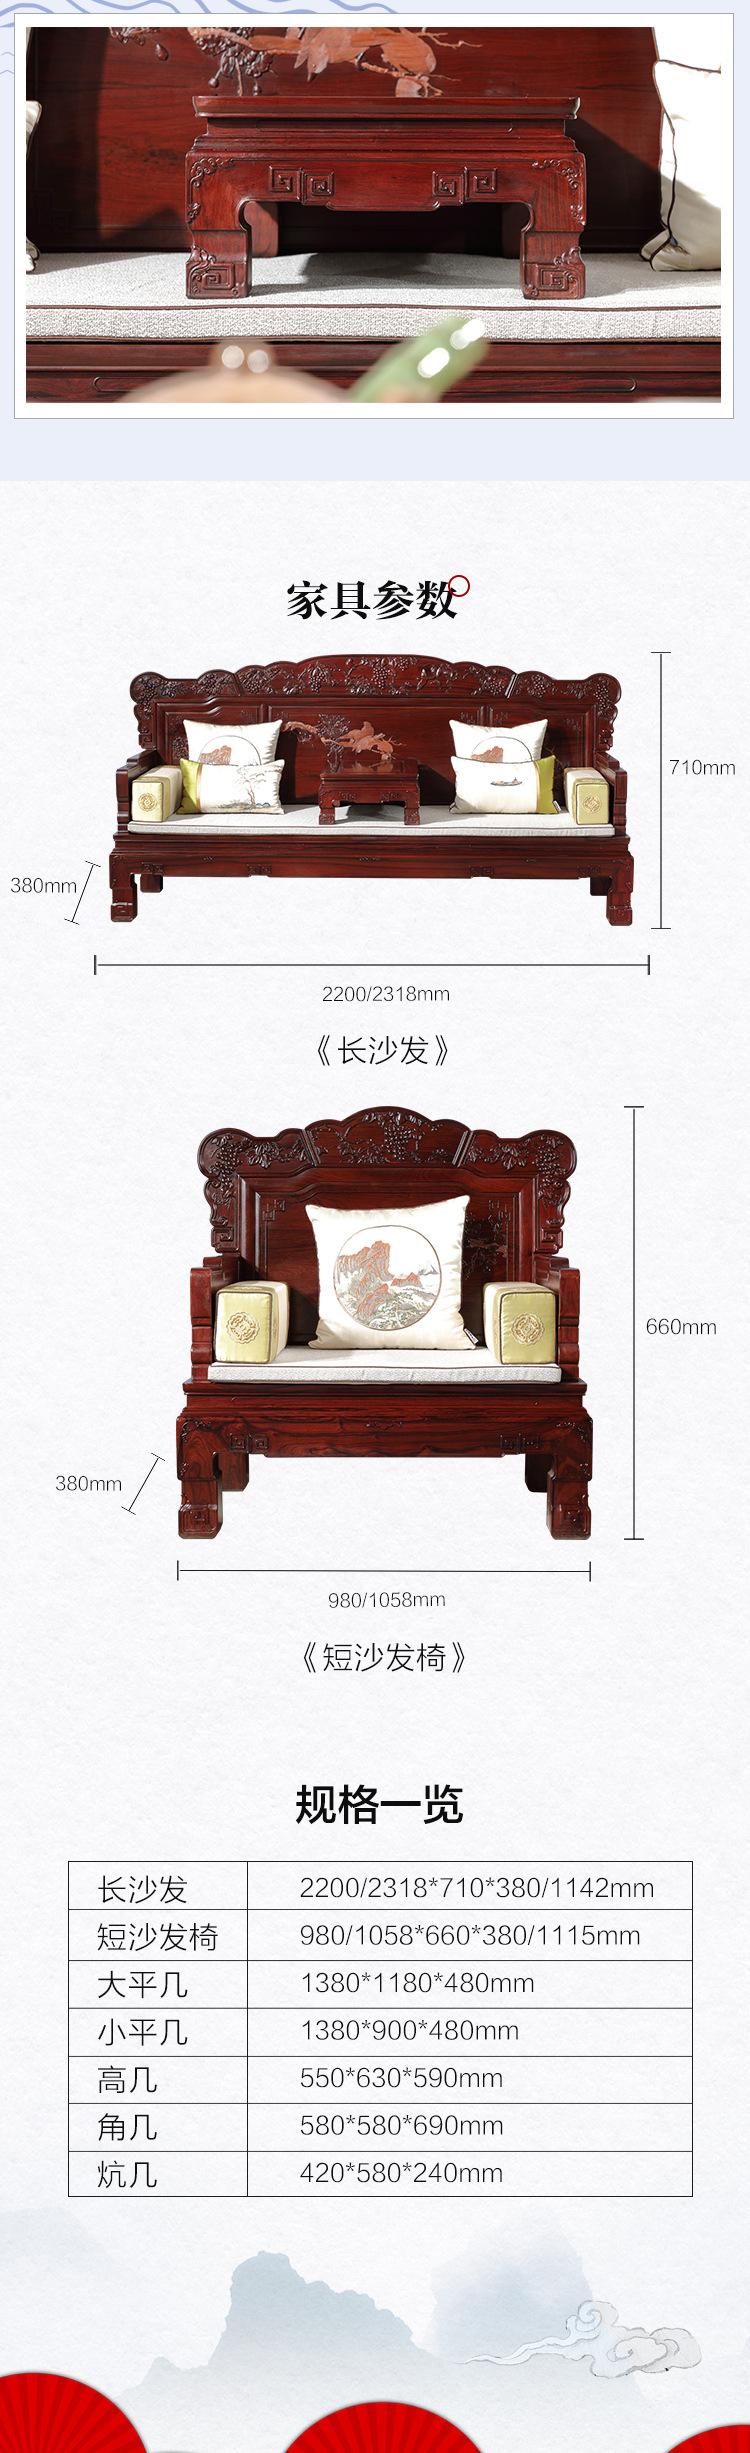 红酸枝前程辉煌沙发详情页B_02.jpg